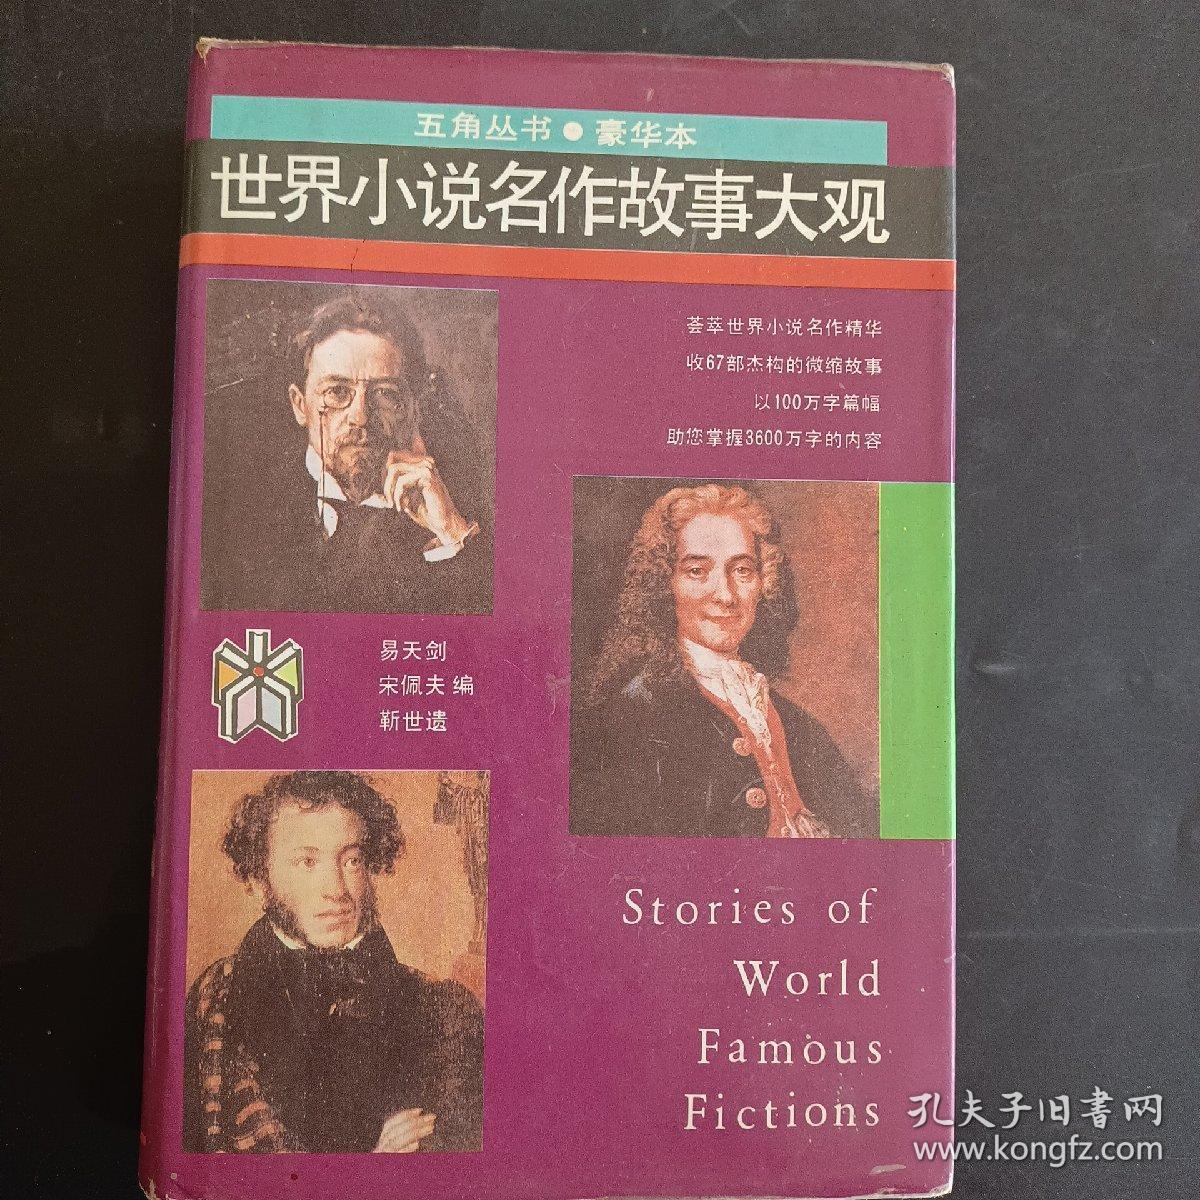 世界小说名作故事大观